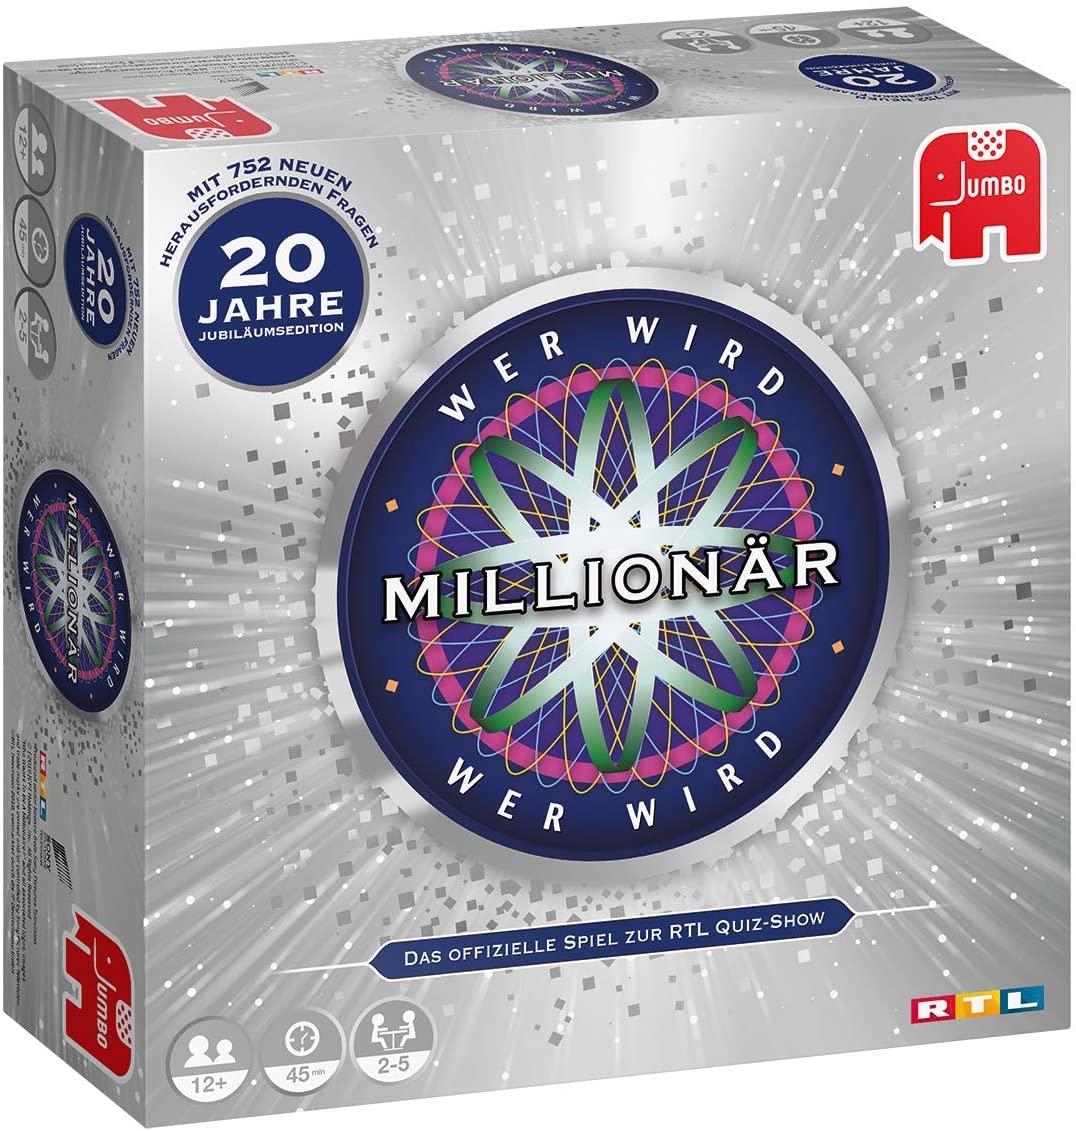 Wer Wird Millionär - 20 Jahre Jubiläumsedition für 15,99€ (Amazon Prime & Müller Abholung)